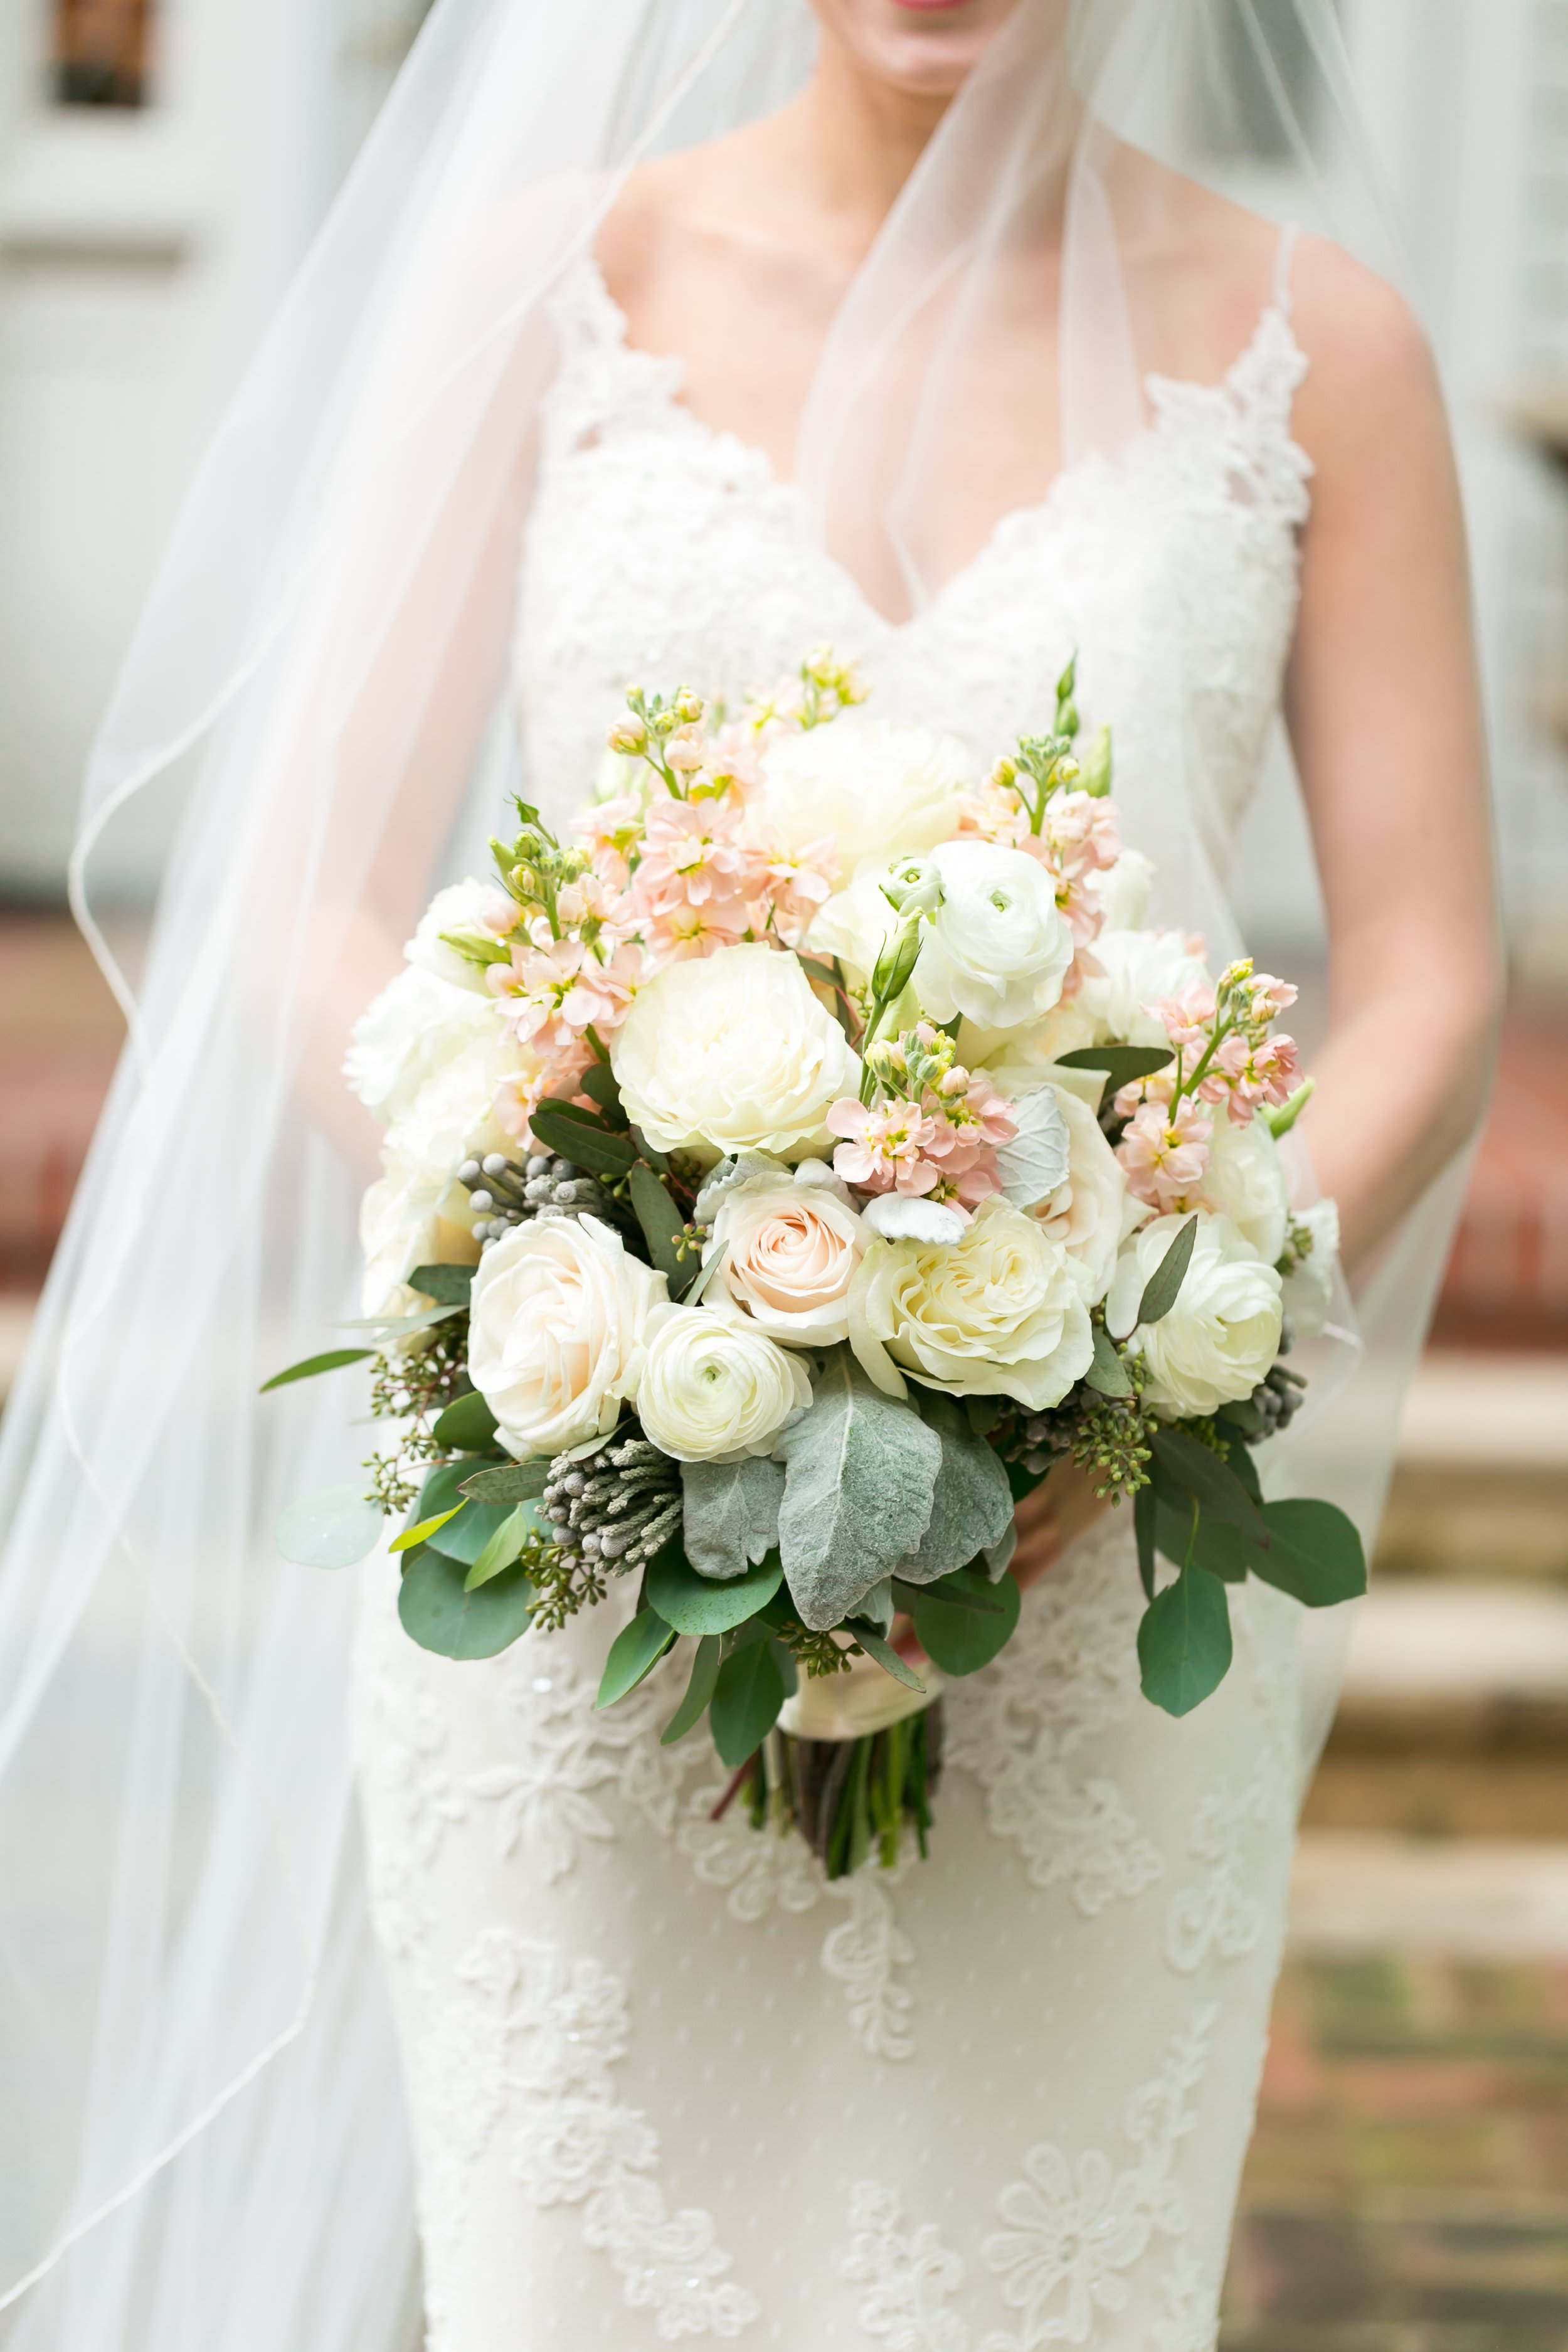 Bridal-Bouquet-Pictures25.jpg